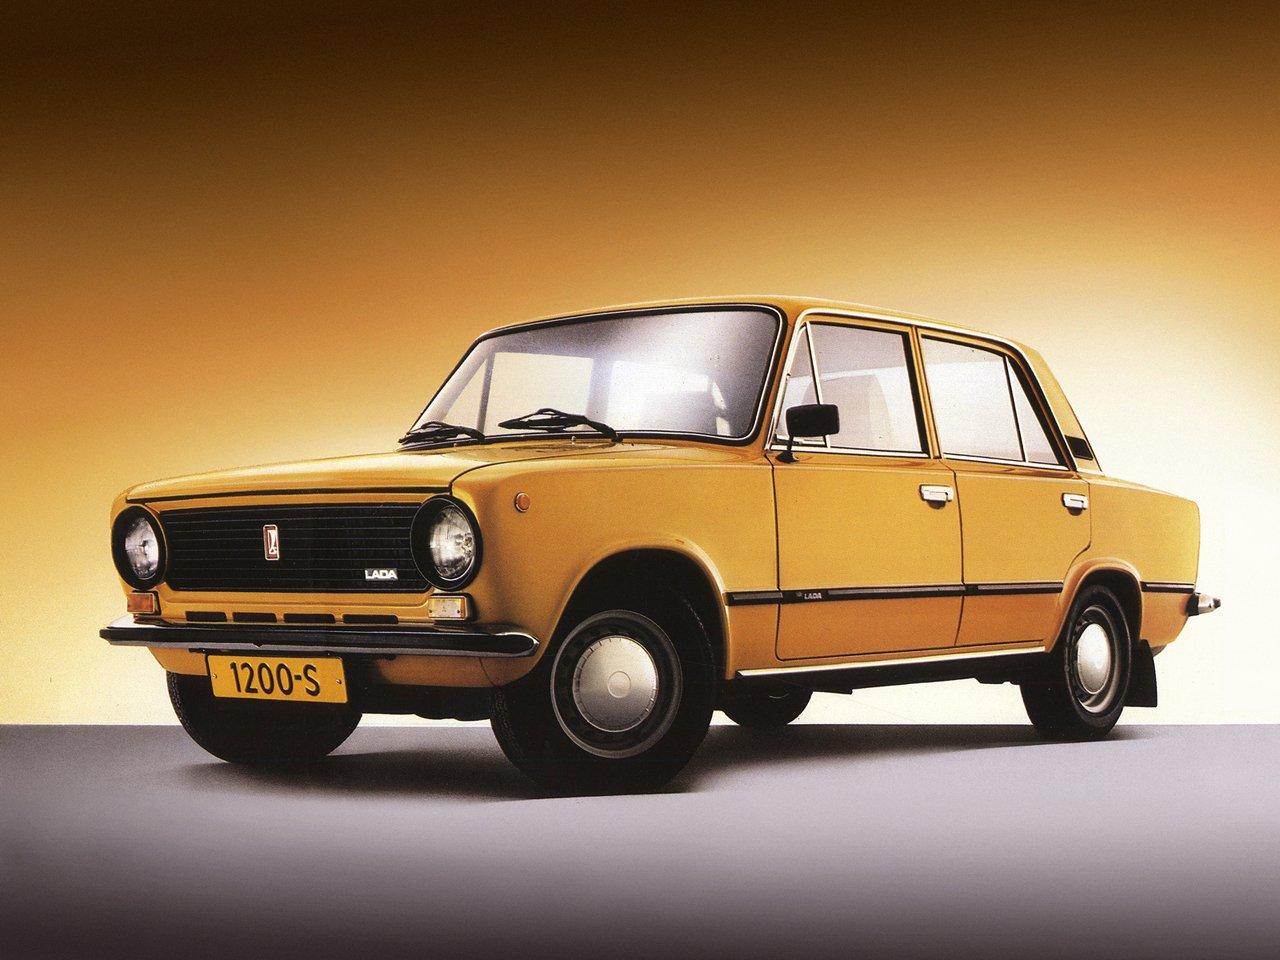 Реклама бренда Lada поразила британцев